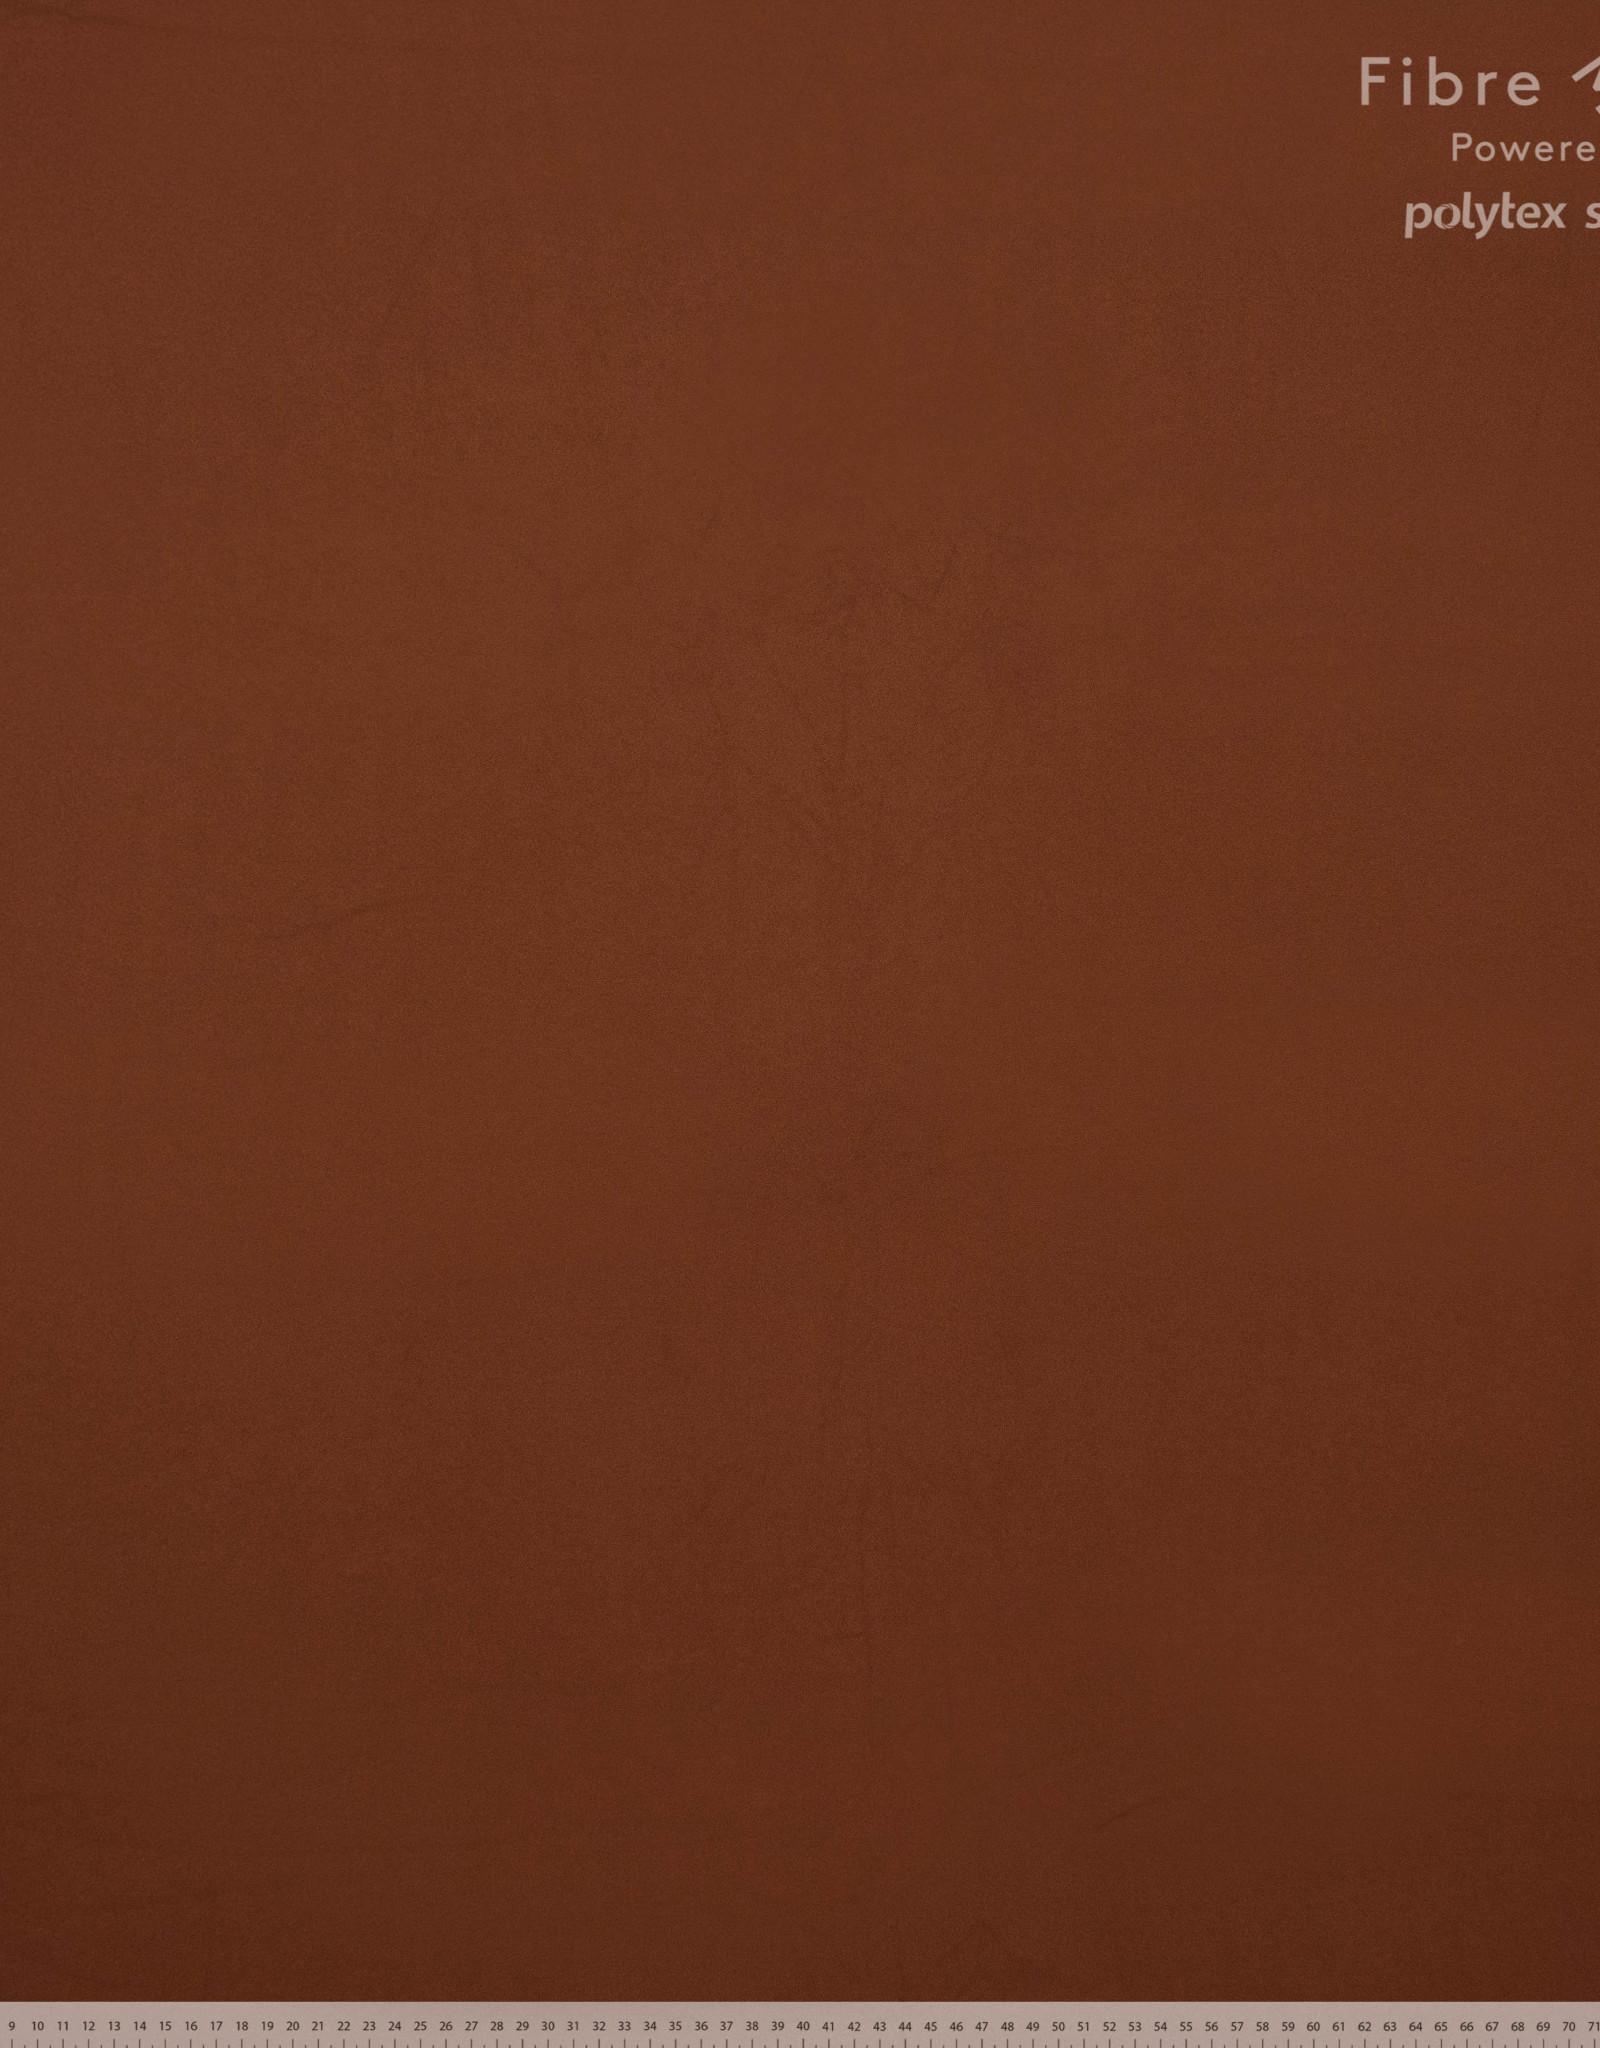 Fibre Mood Fibre Mood editie 15 viscose crepe Gingerbread (Vikki)